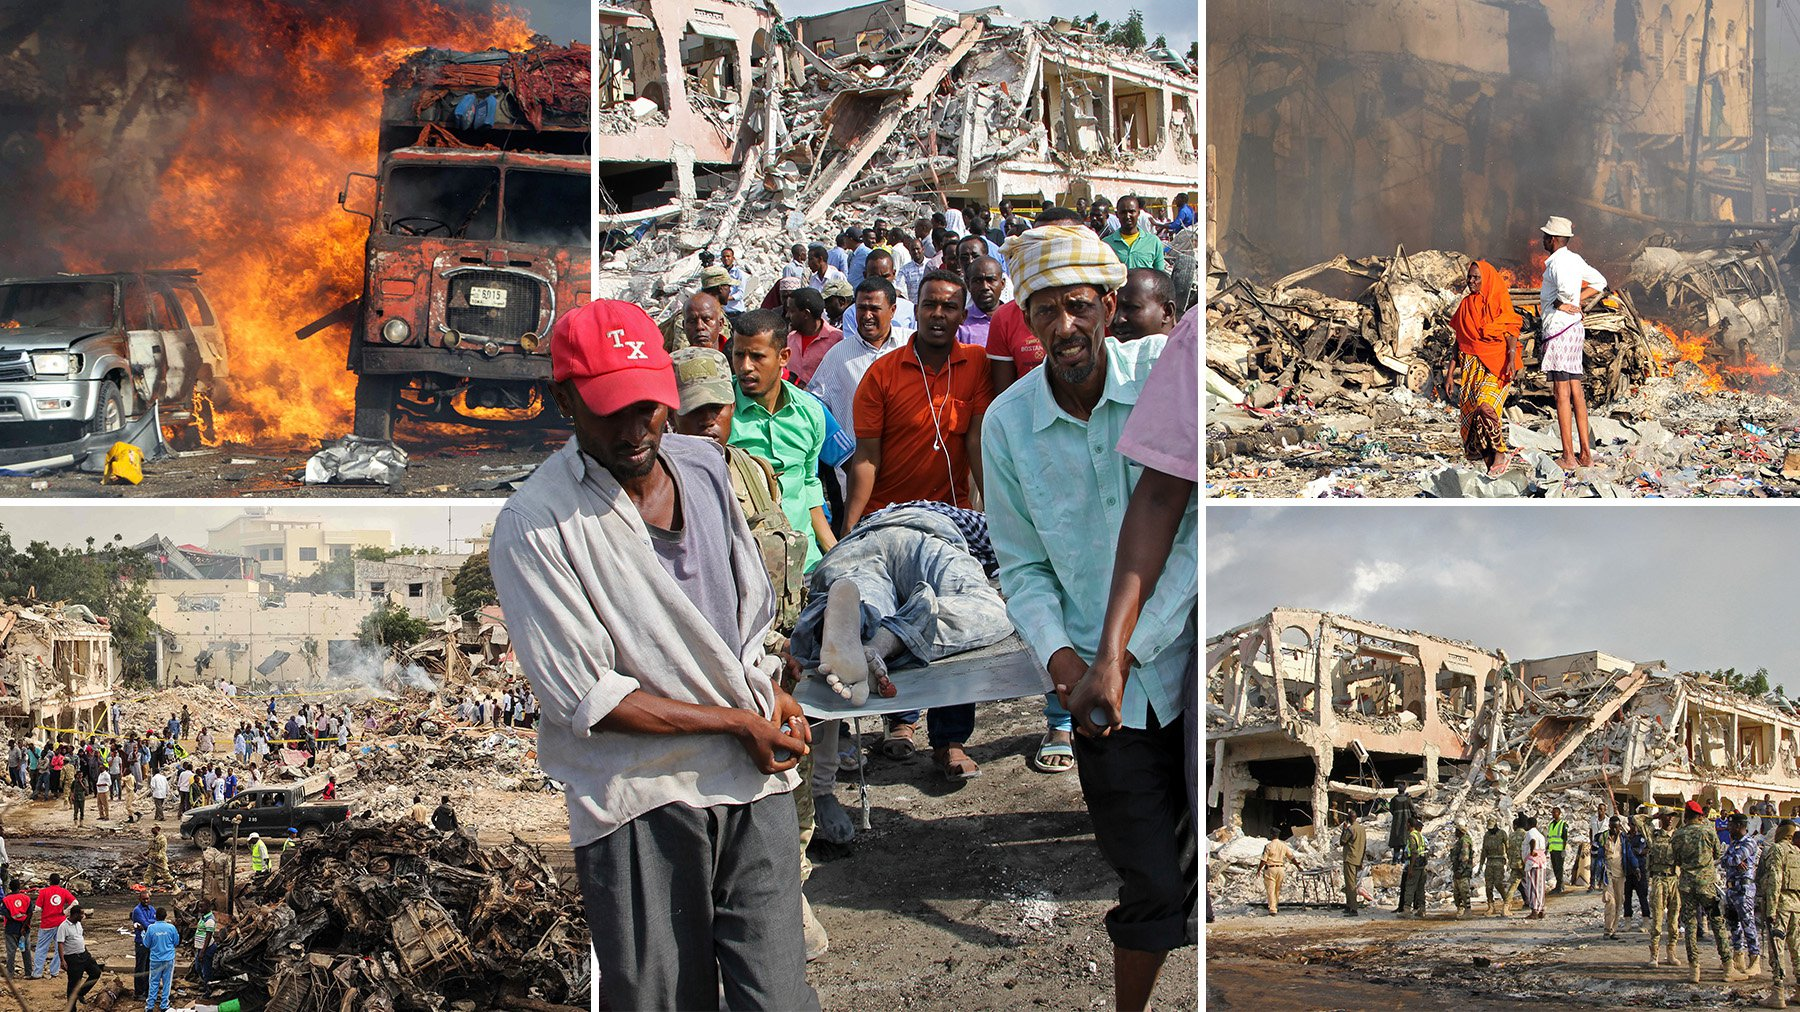 Deadliest bomb in Somalian history kills at least 231 in Mogadishu